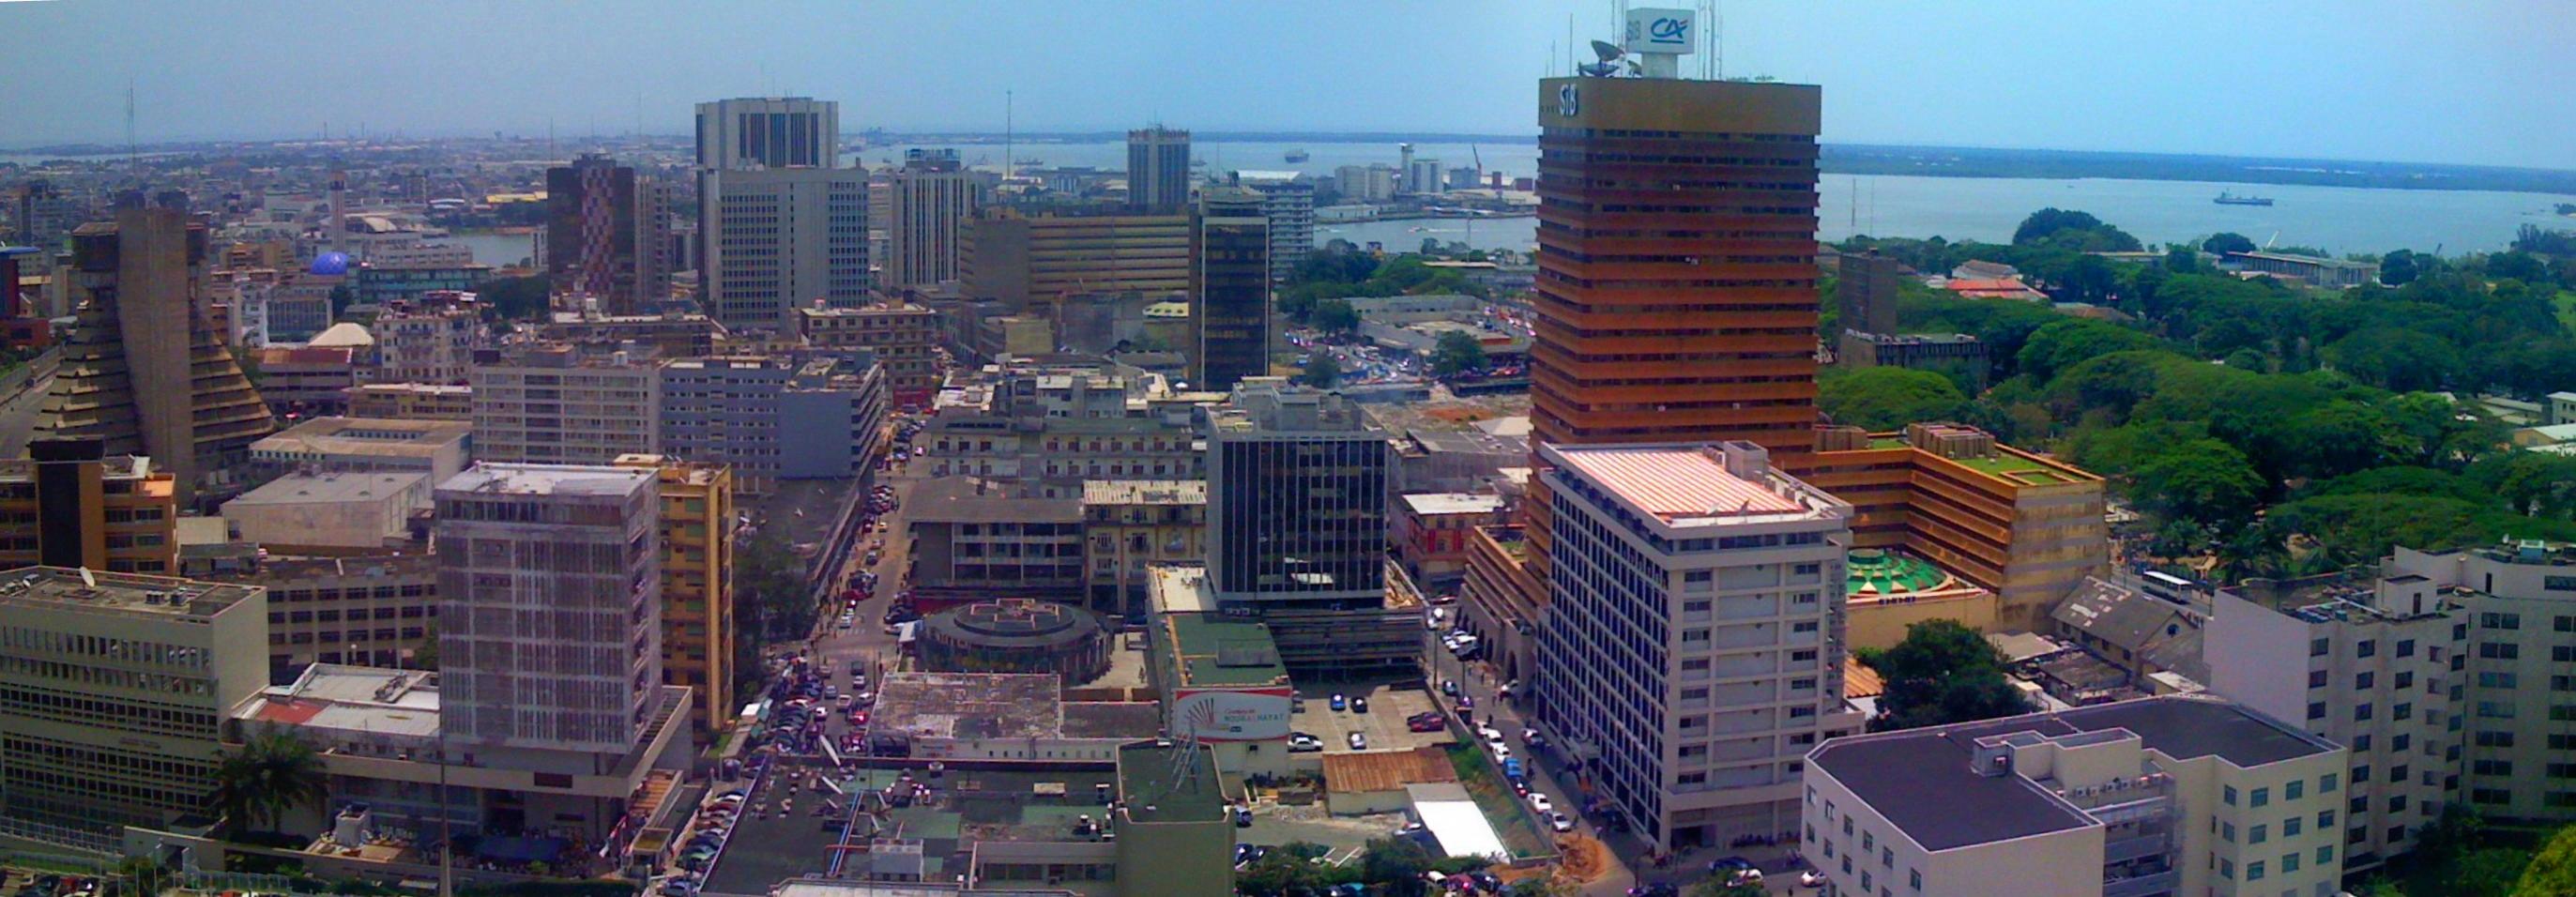 Abidjan Dating Site Free Online Dating in Abidjan